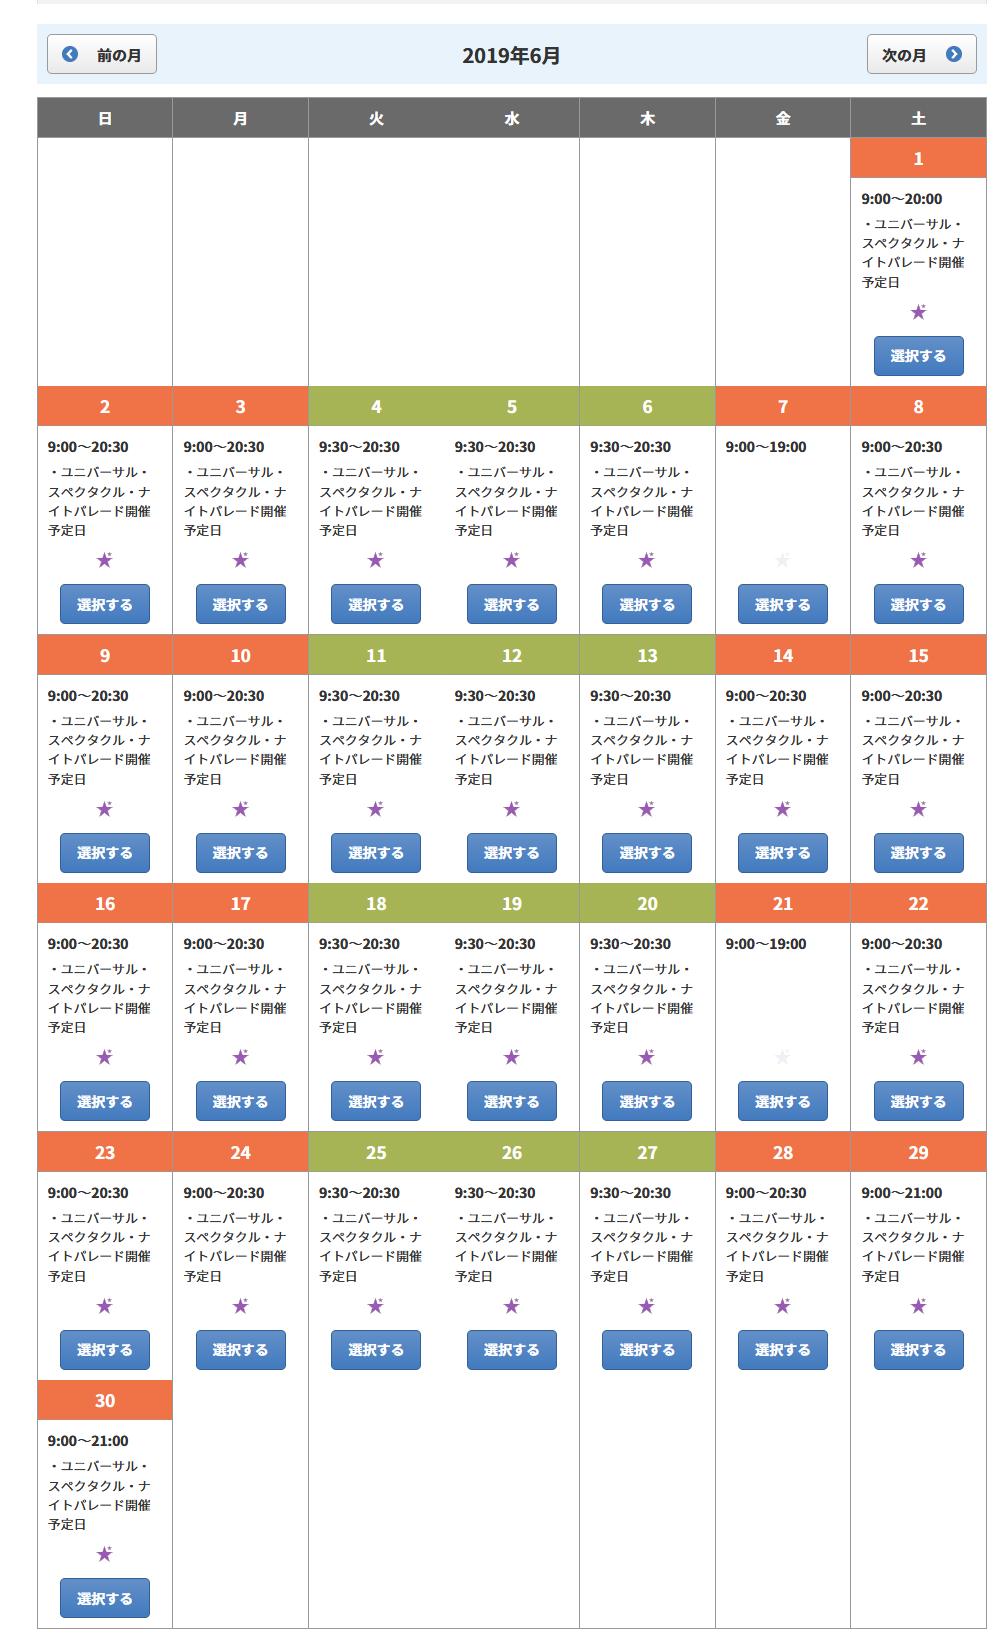 【G20大阪サミット・4/27更新】交通規制・休業情報を集約